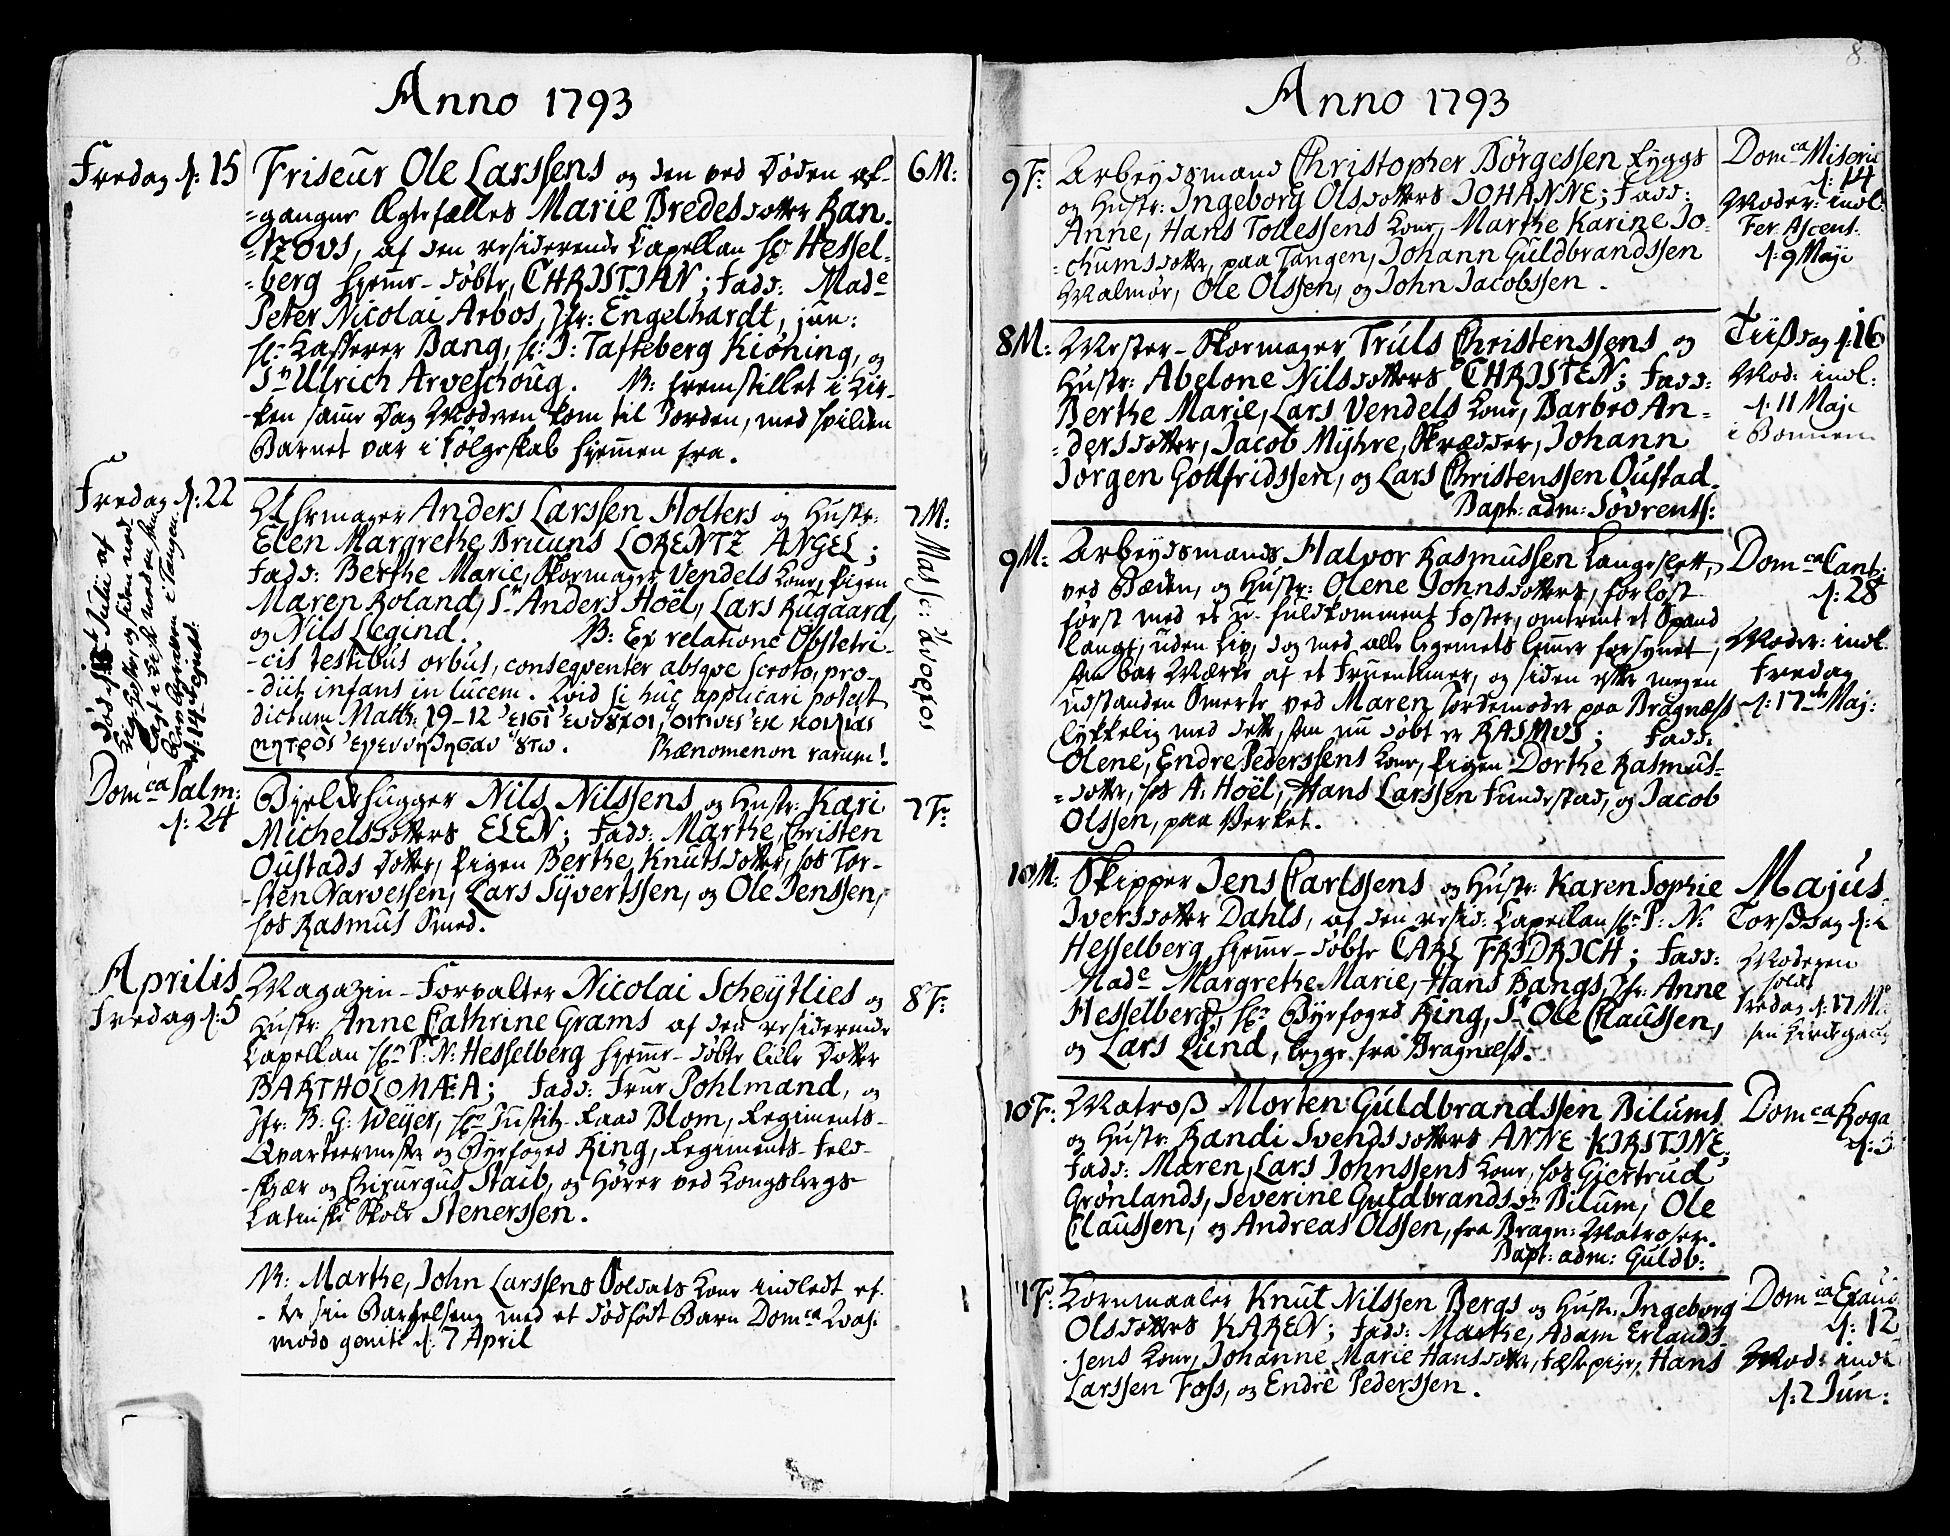 SAKO, Strømsø kirkebøker, F/Fa/L0010: Ministerialbok nr. I 10, 1792-1822, s. 8